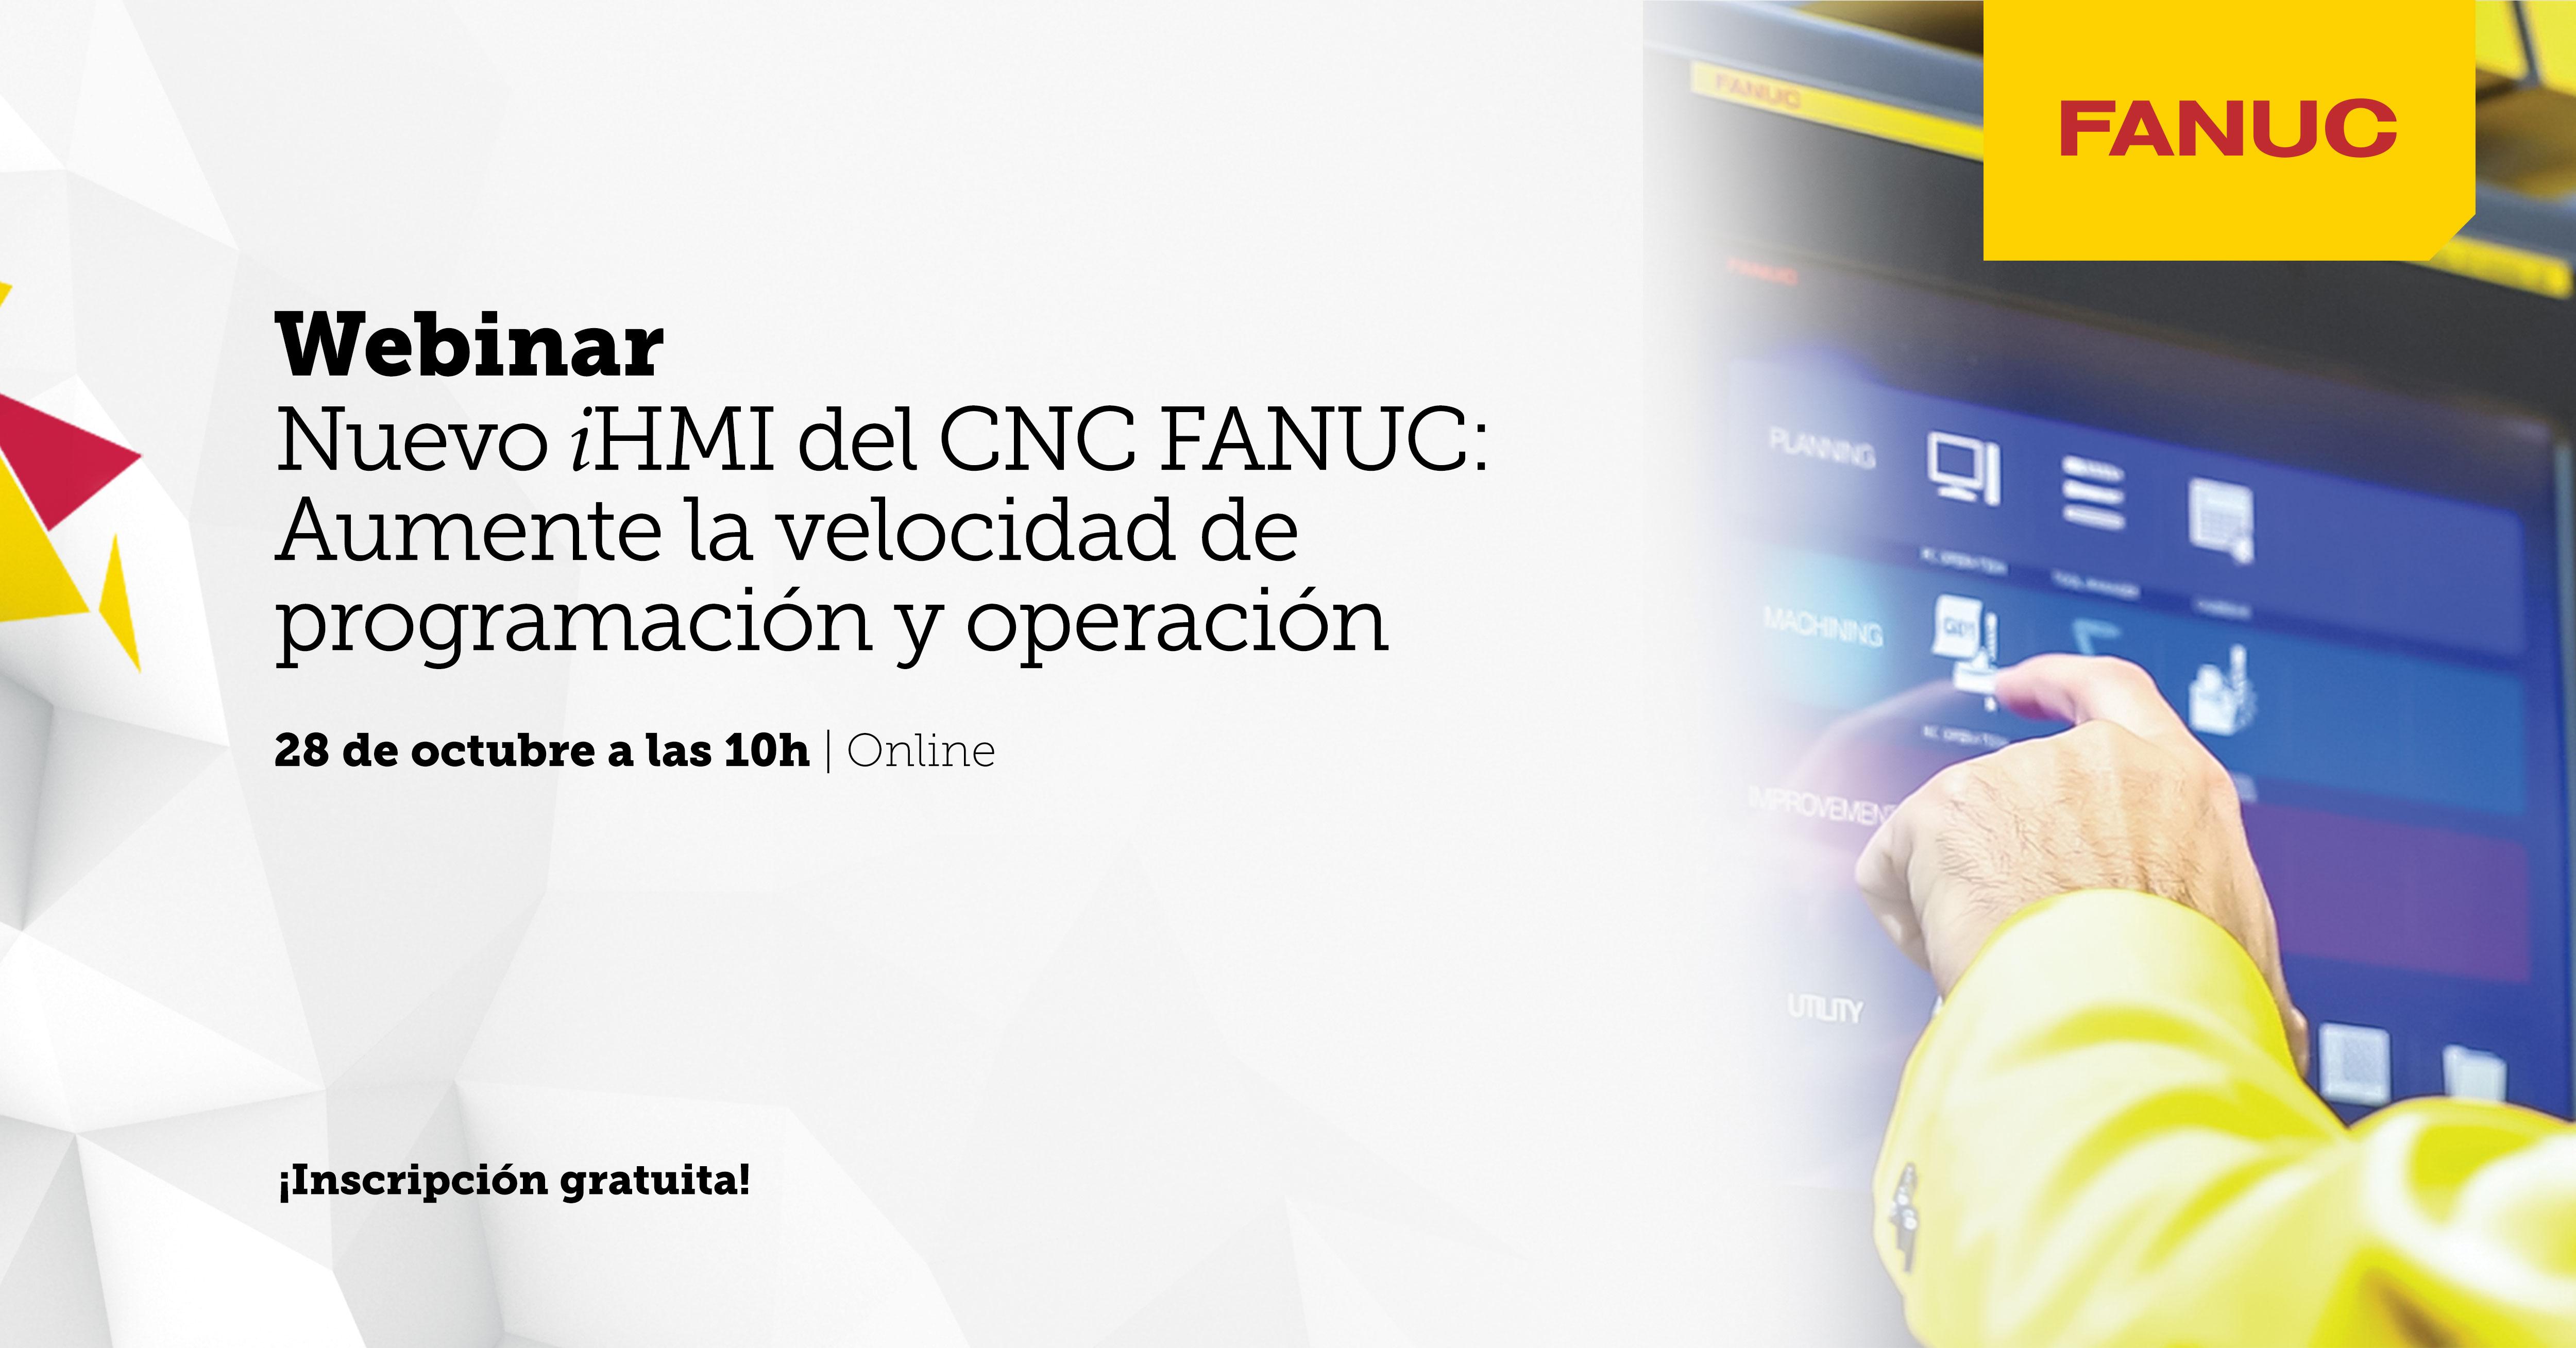 Nuevo iHMI del CNC FANUC: Aumente la velocidad de programación y operación